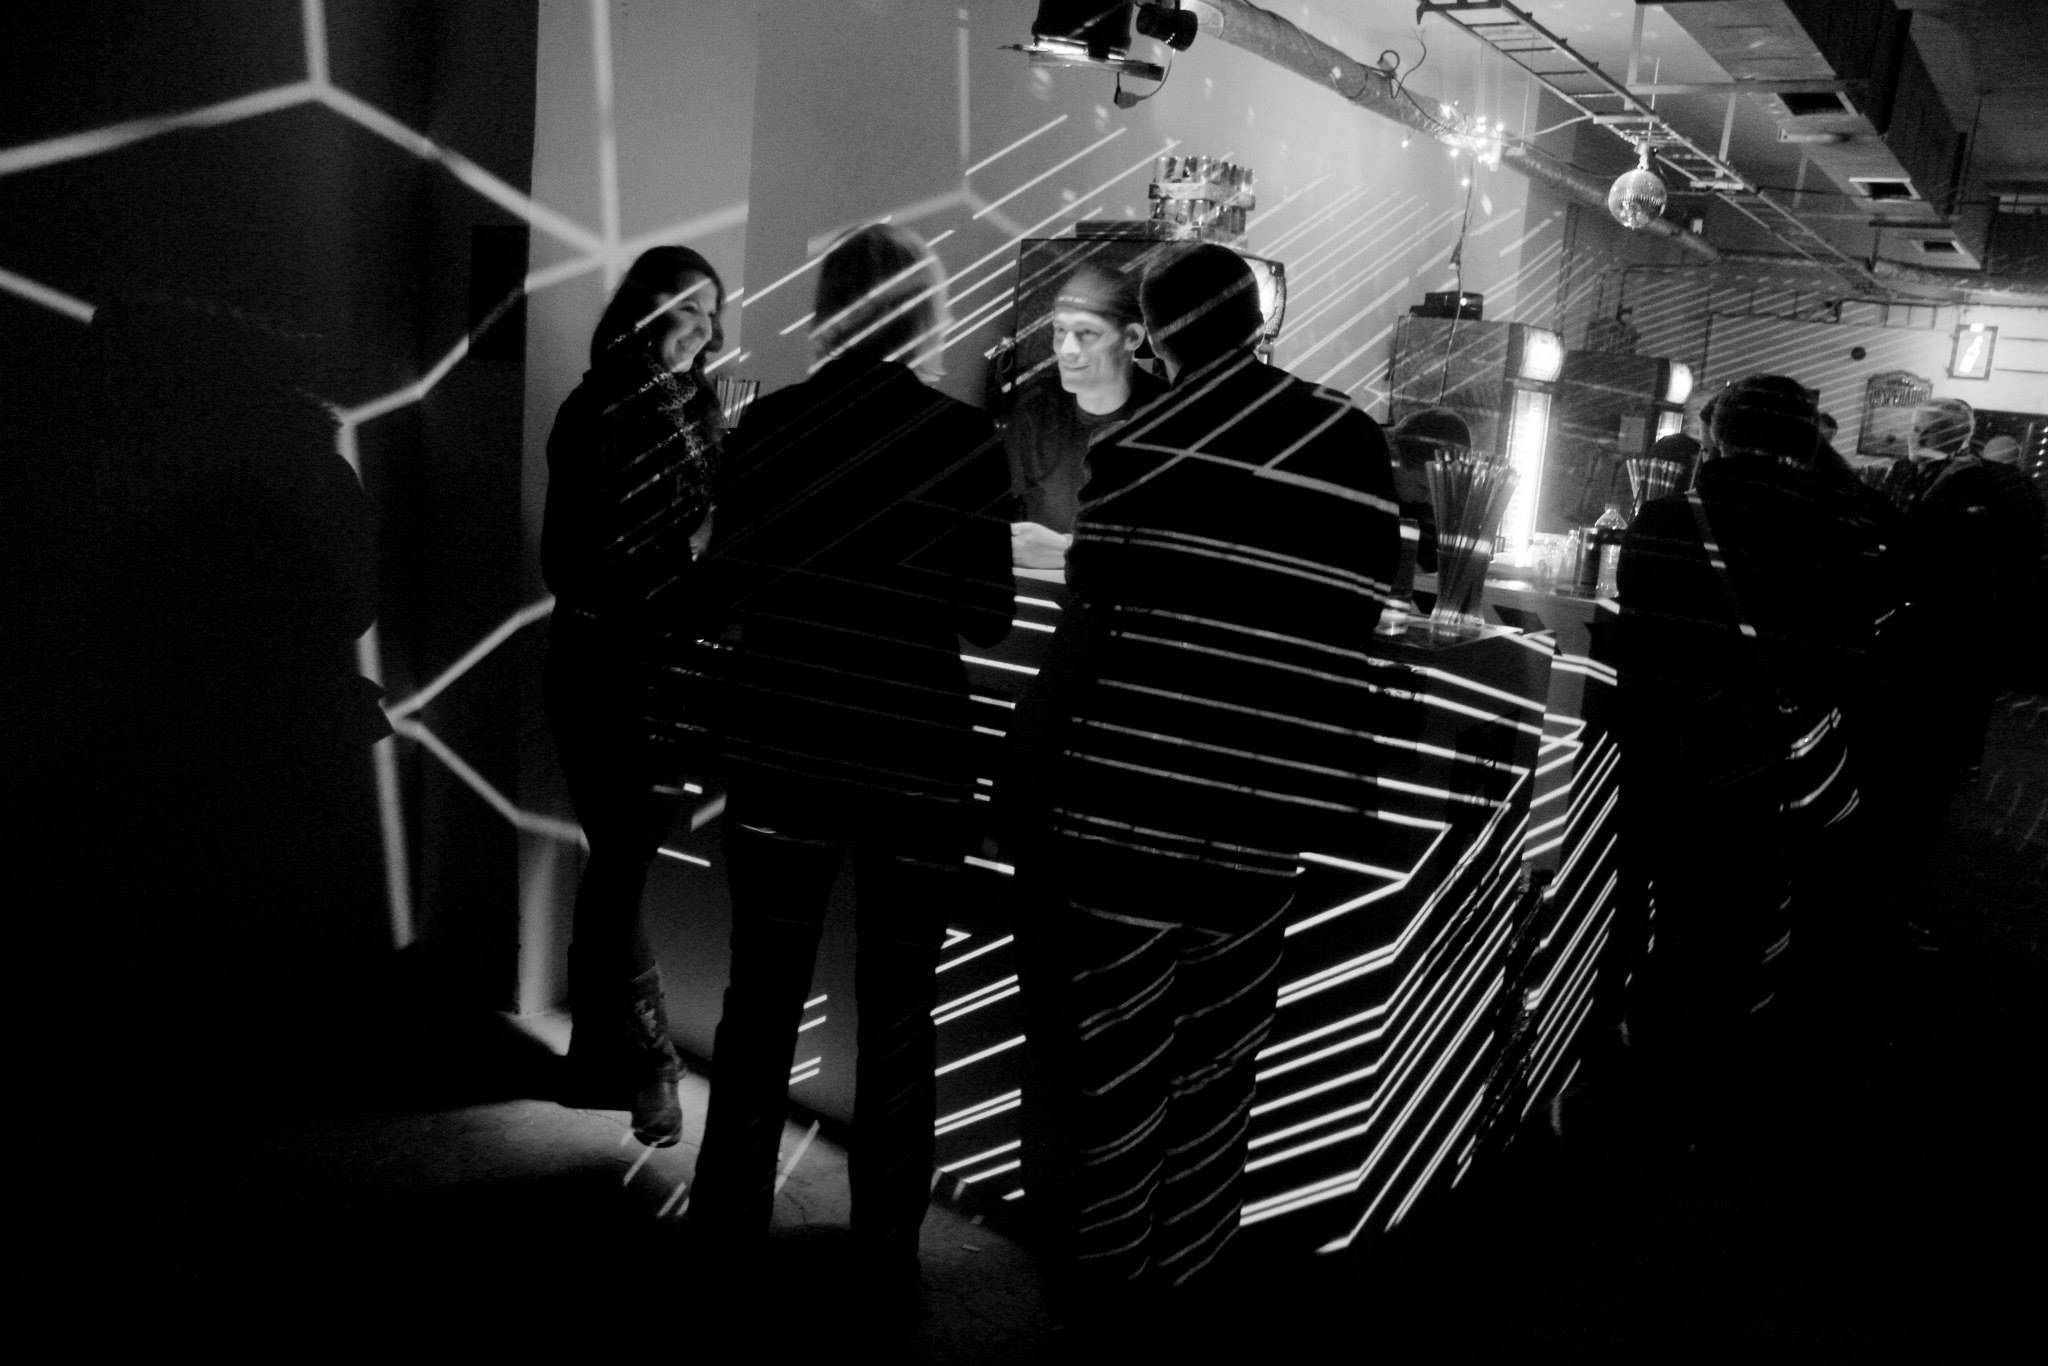 Warenhouse party Kom!ks opět spojí elektronickou hudbu s vizuálním uměním